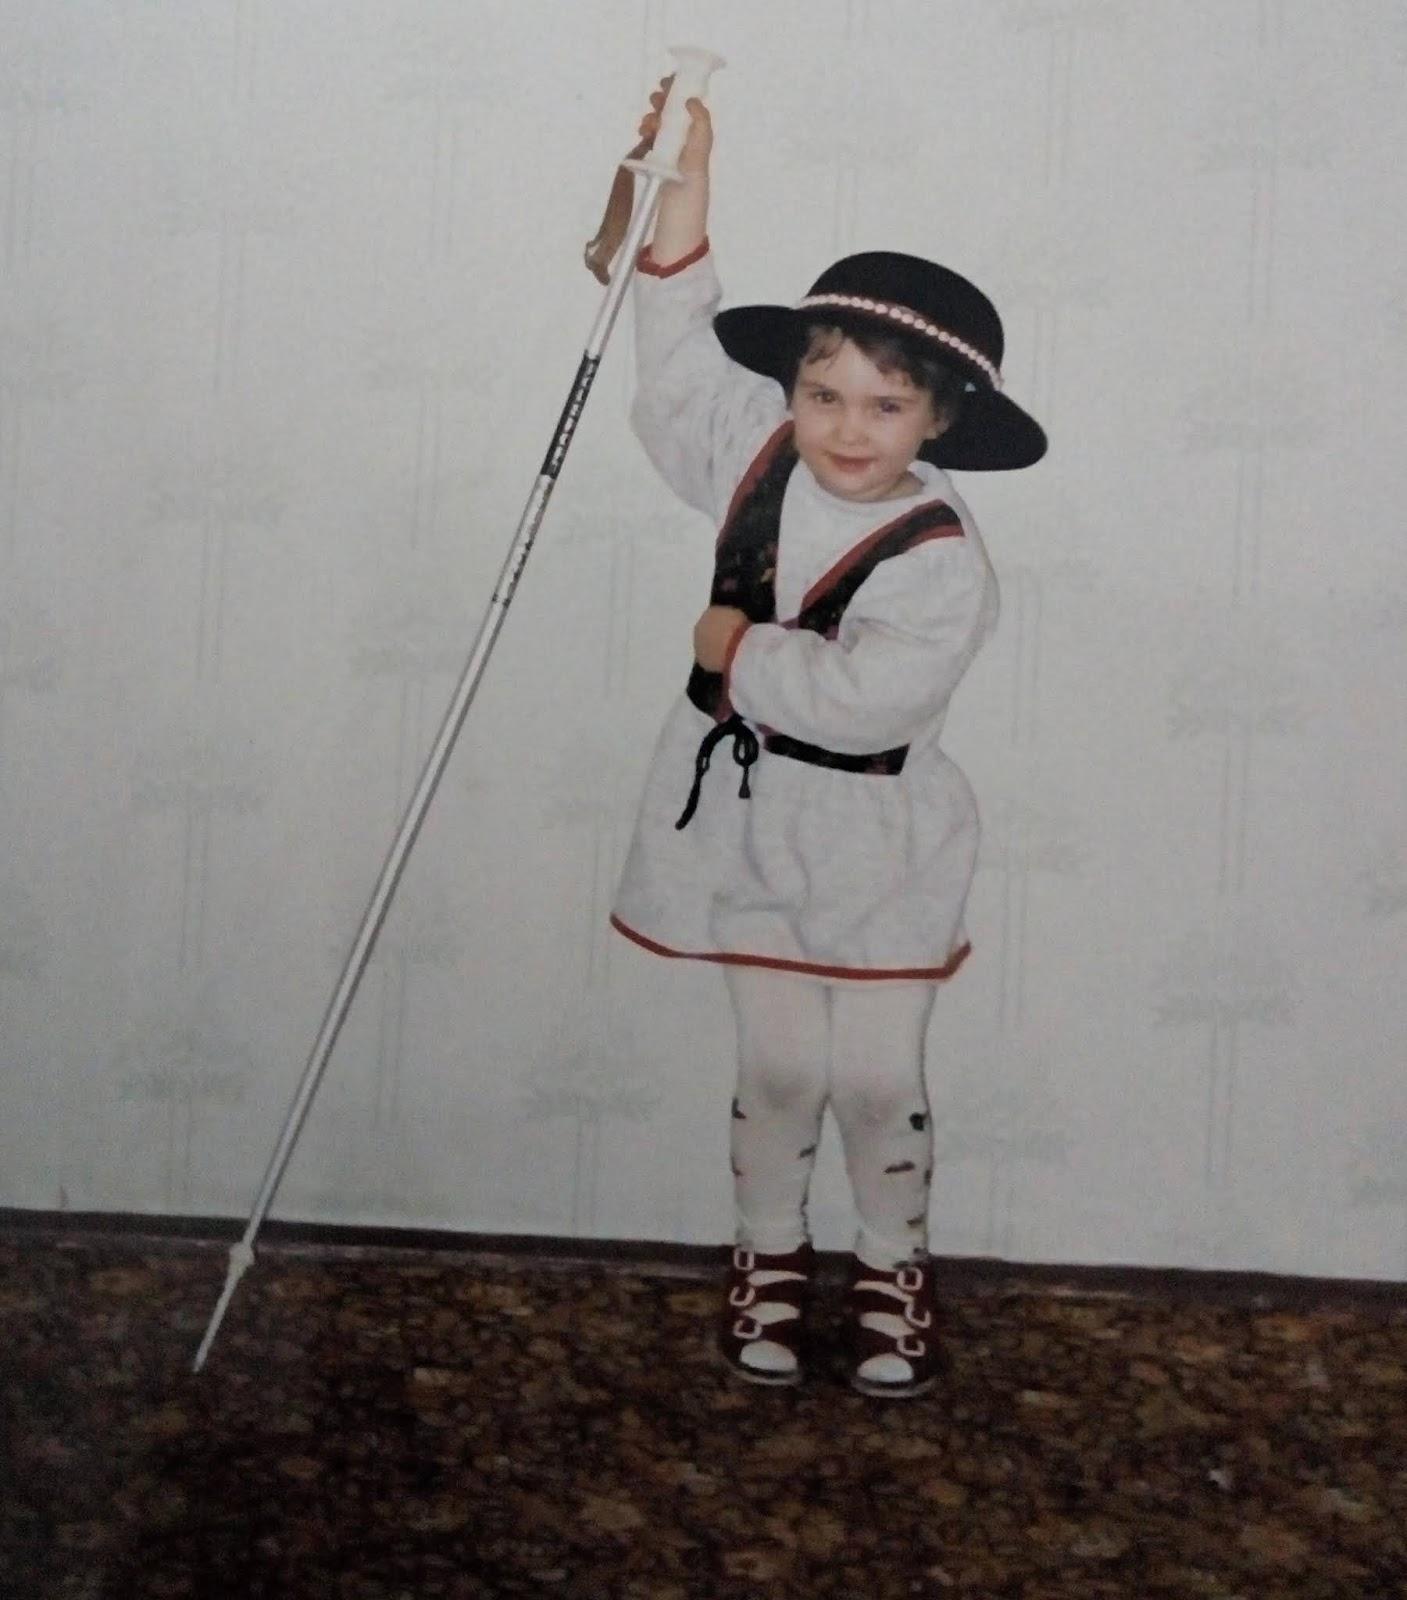 Moje wspomnienia z dzieciństwa - czyli, beztroska, zabawa i cztery zielone kąty.